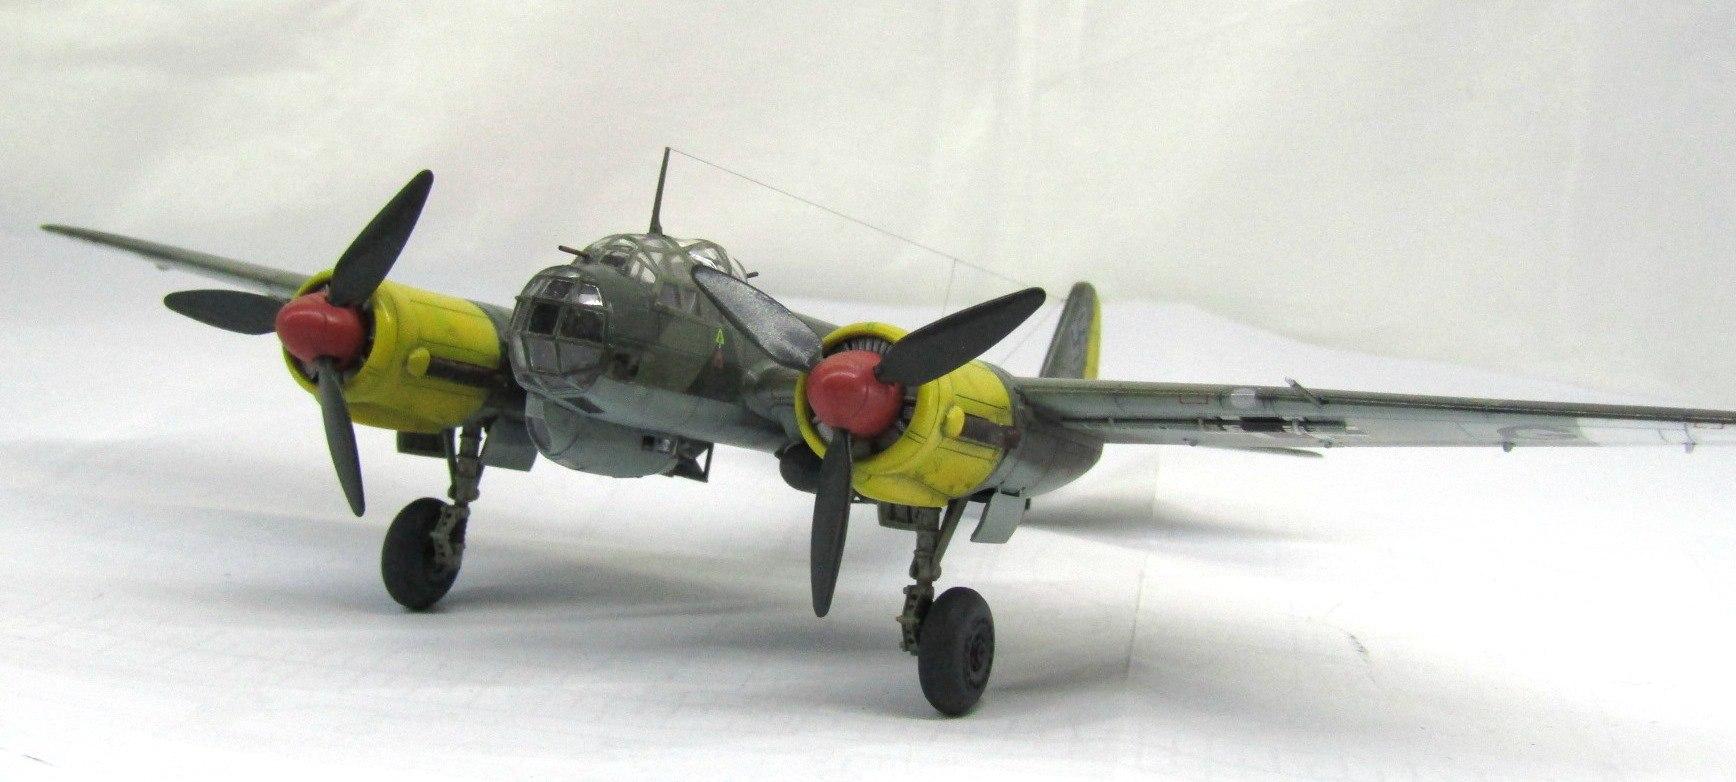 Ju-88 A-4 1/72 (Звезда) GPY1kvEleUs